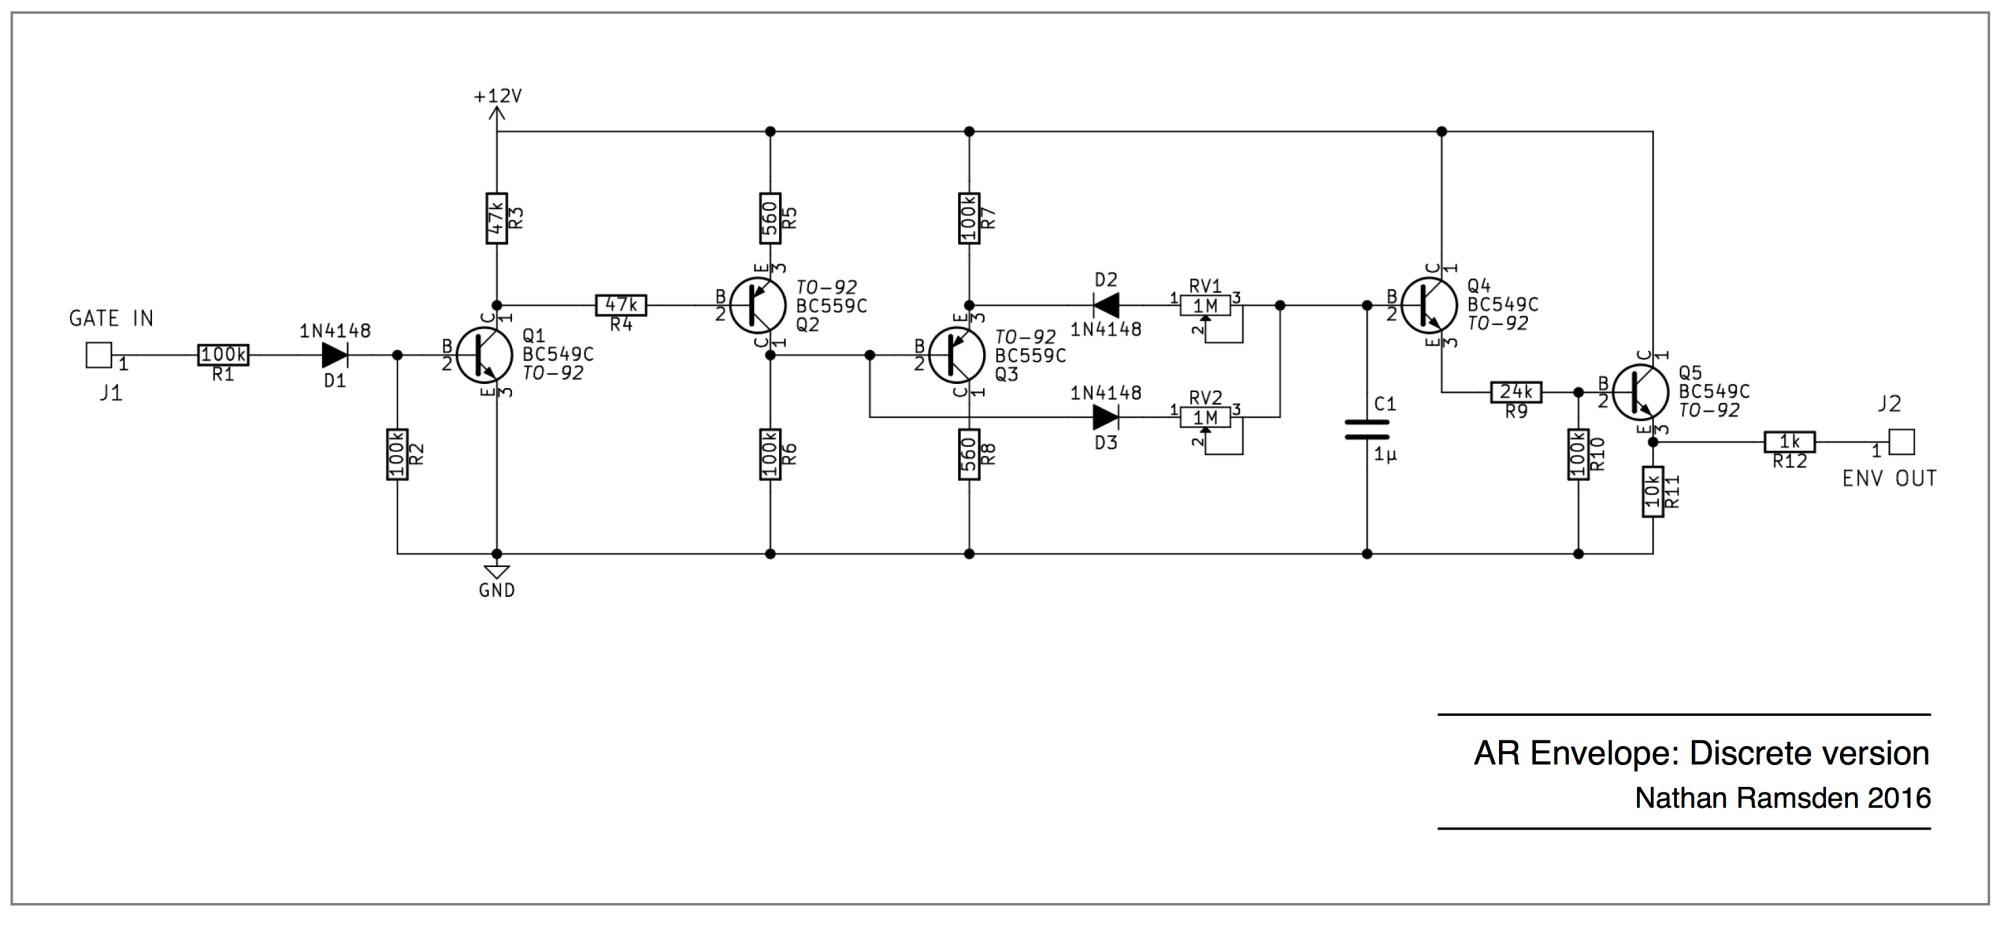 hight resolution of discrete ar envelope schematic